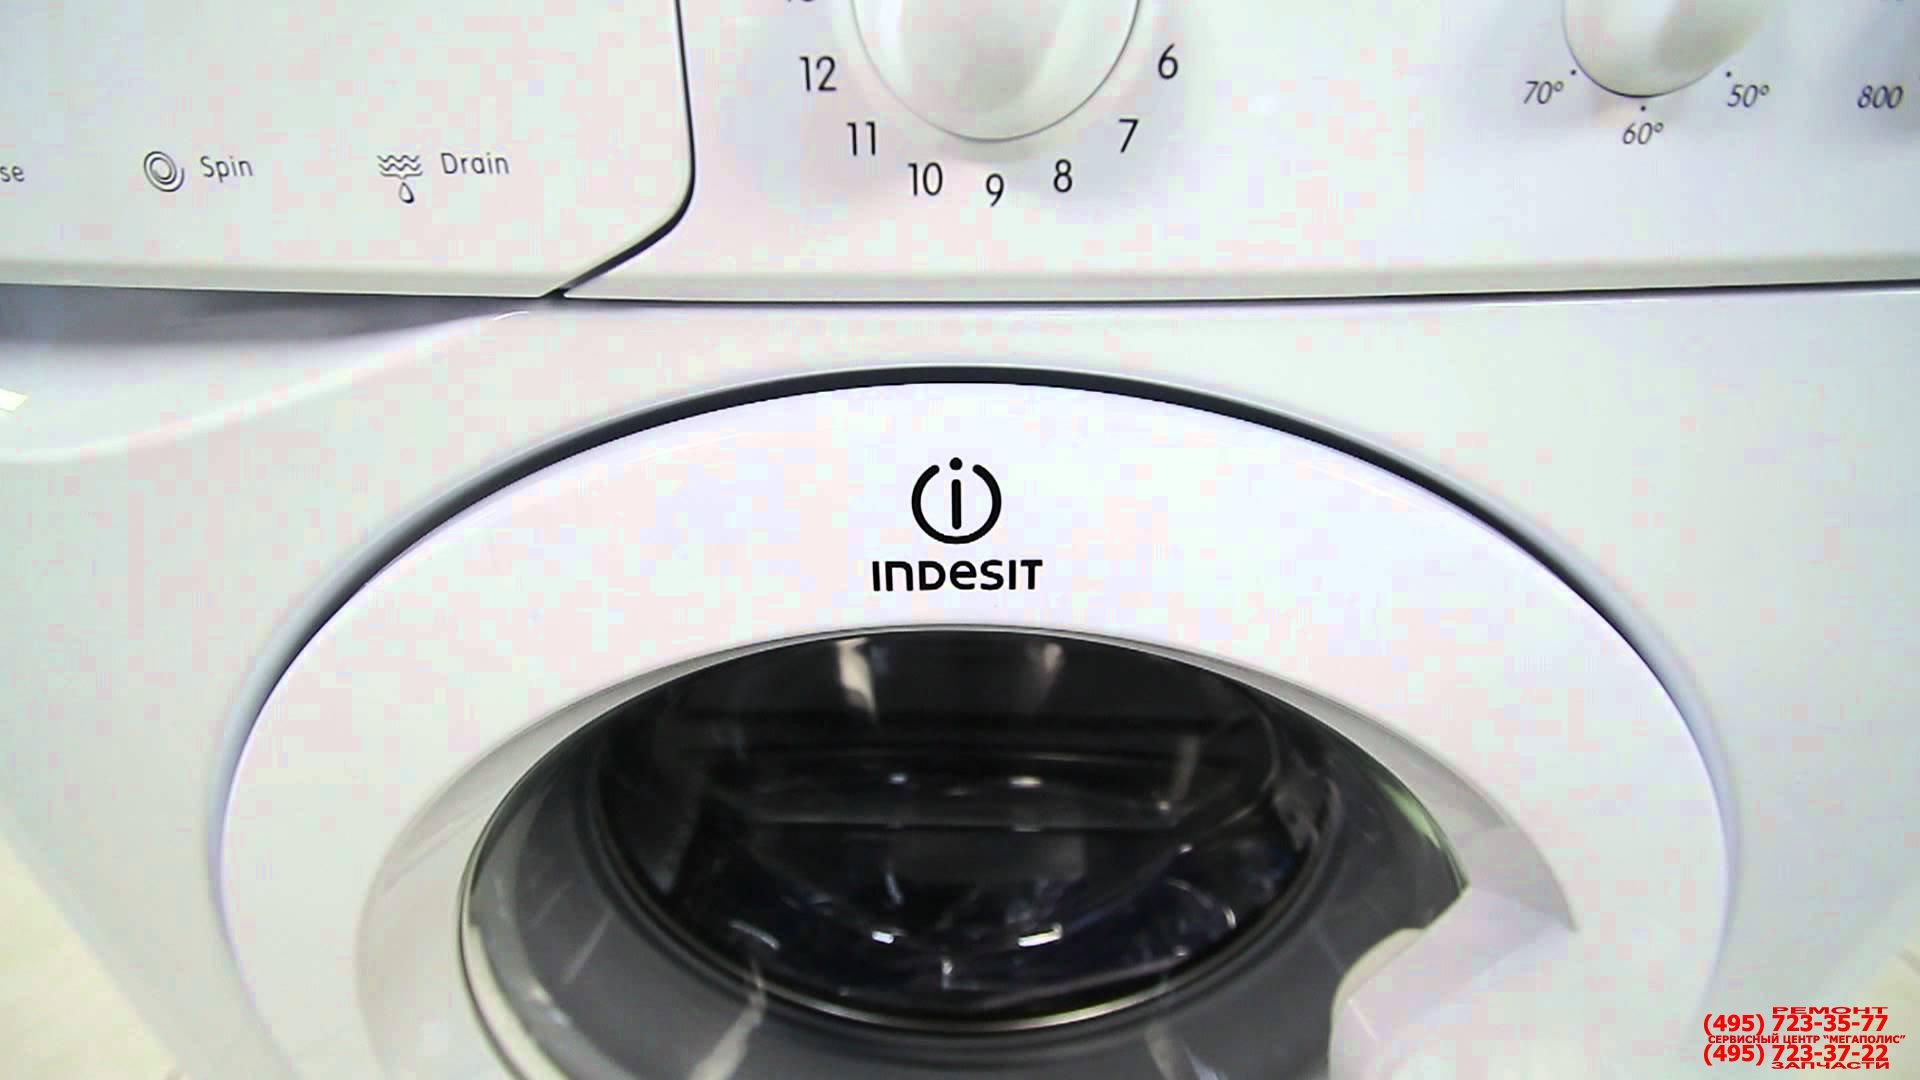 Ремонт стиральной машины индезит 81 своими руками